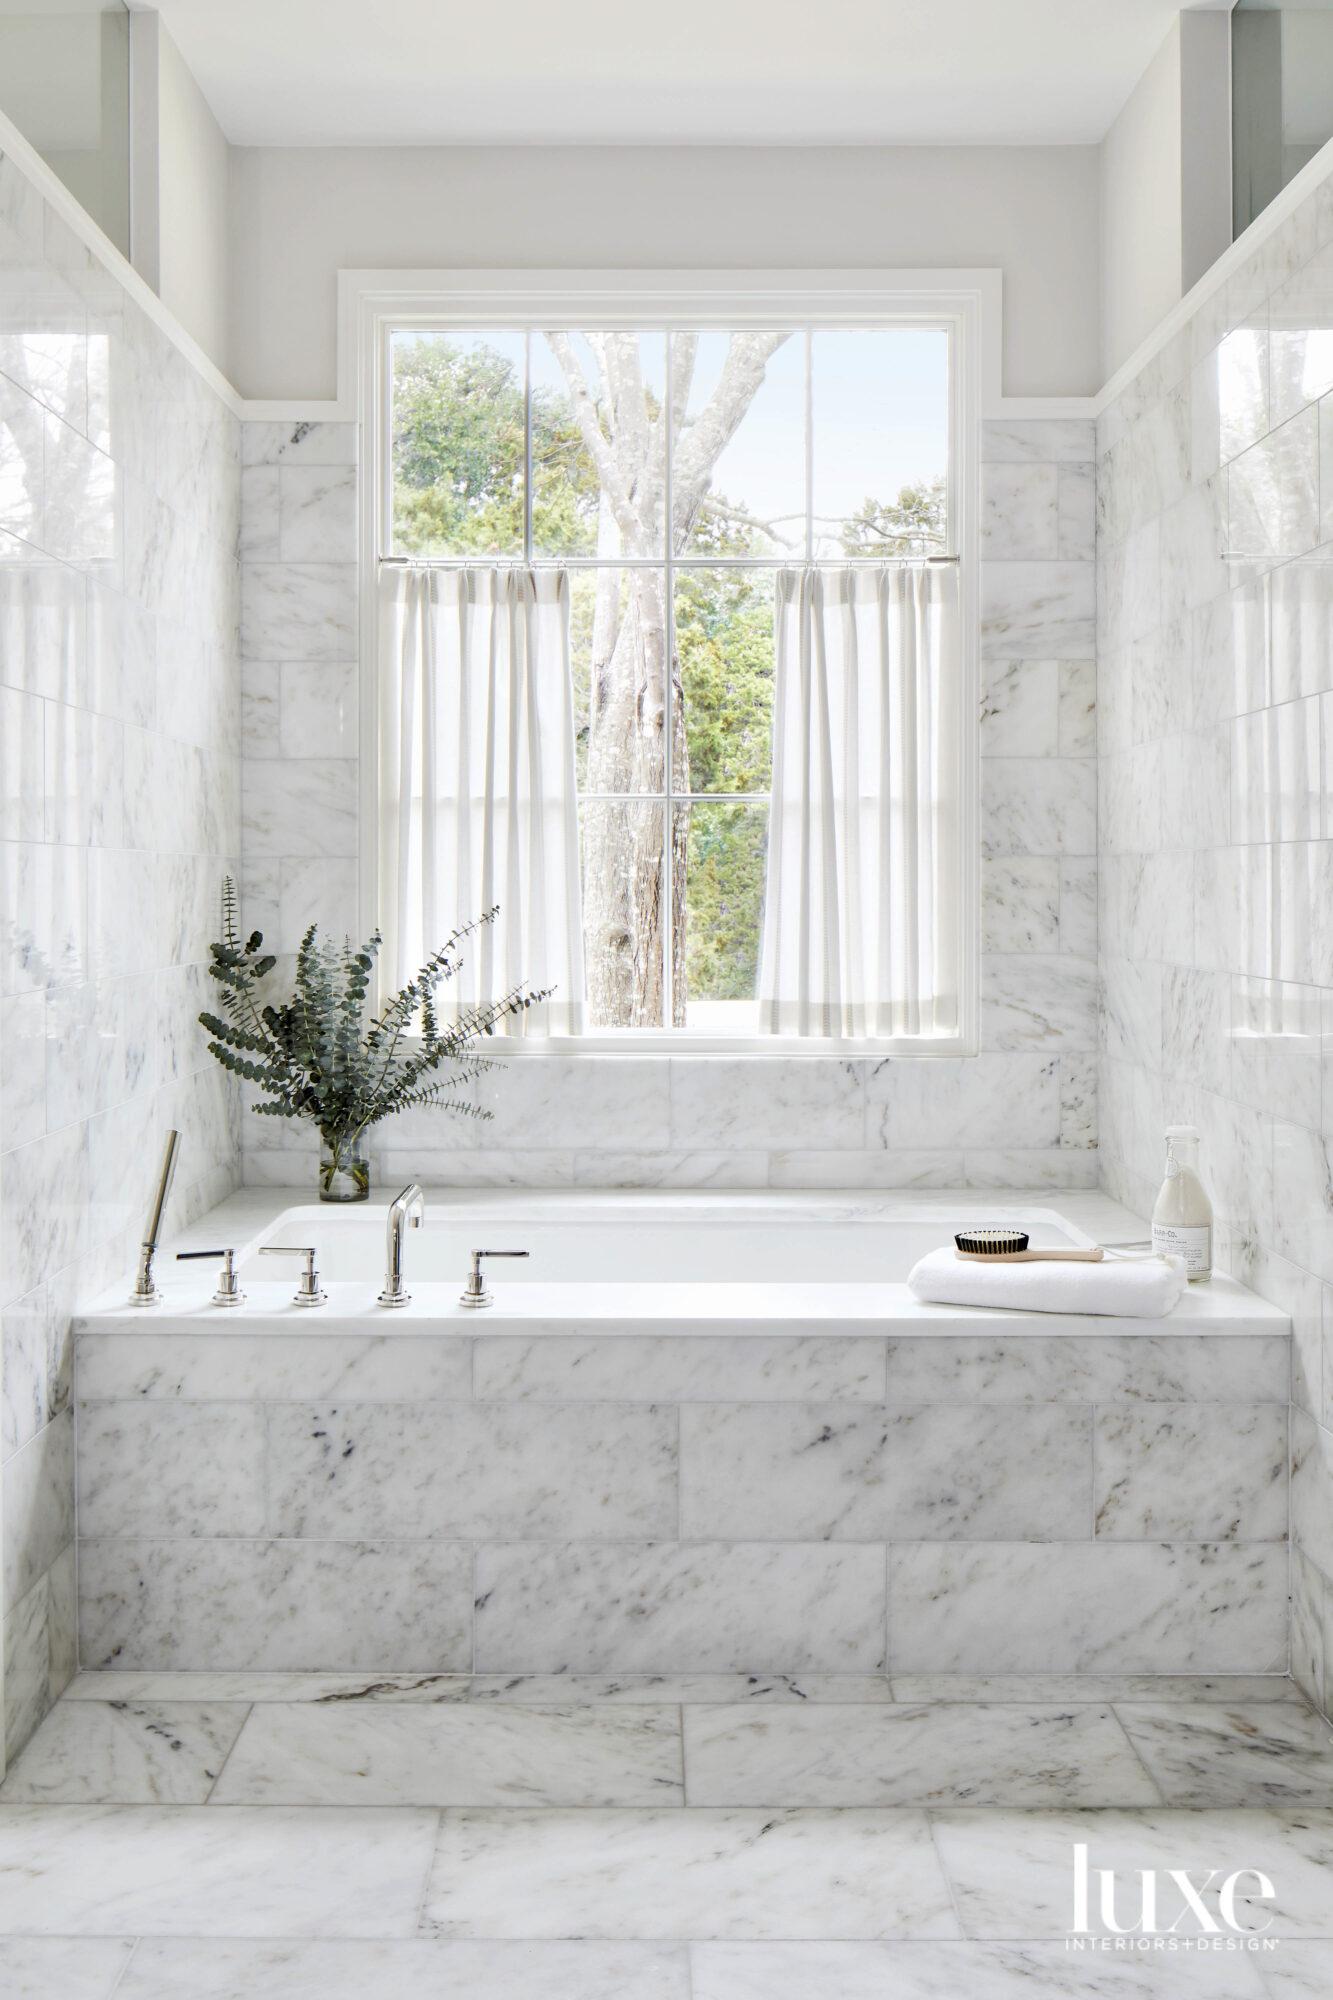 Marble-clad tub area.